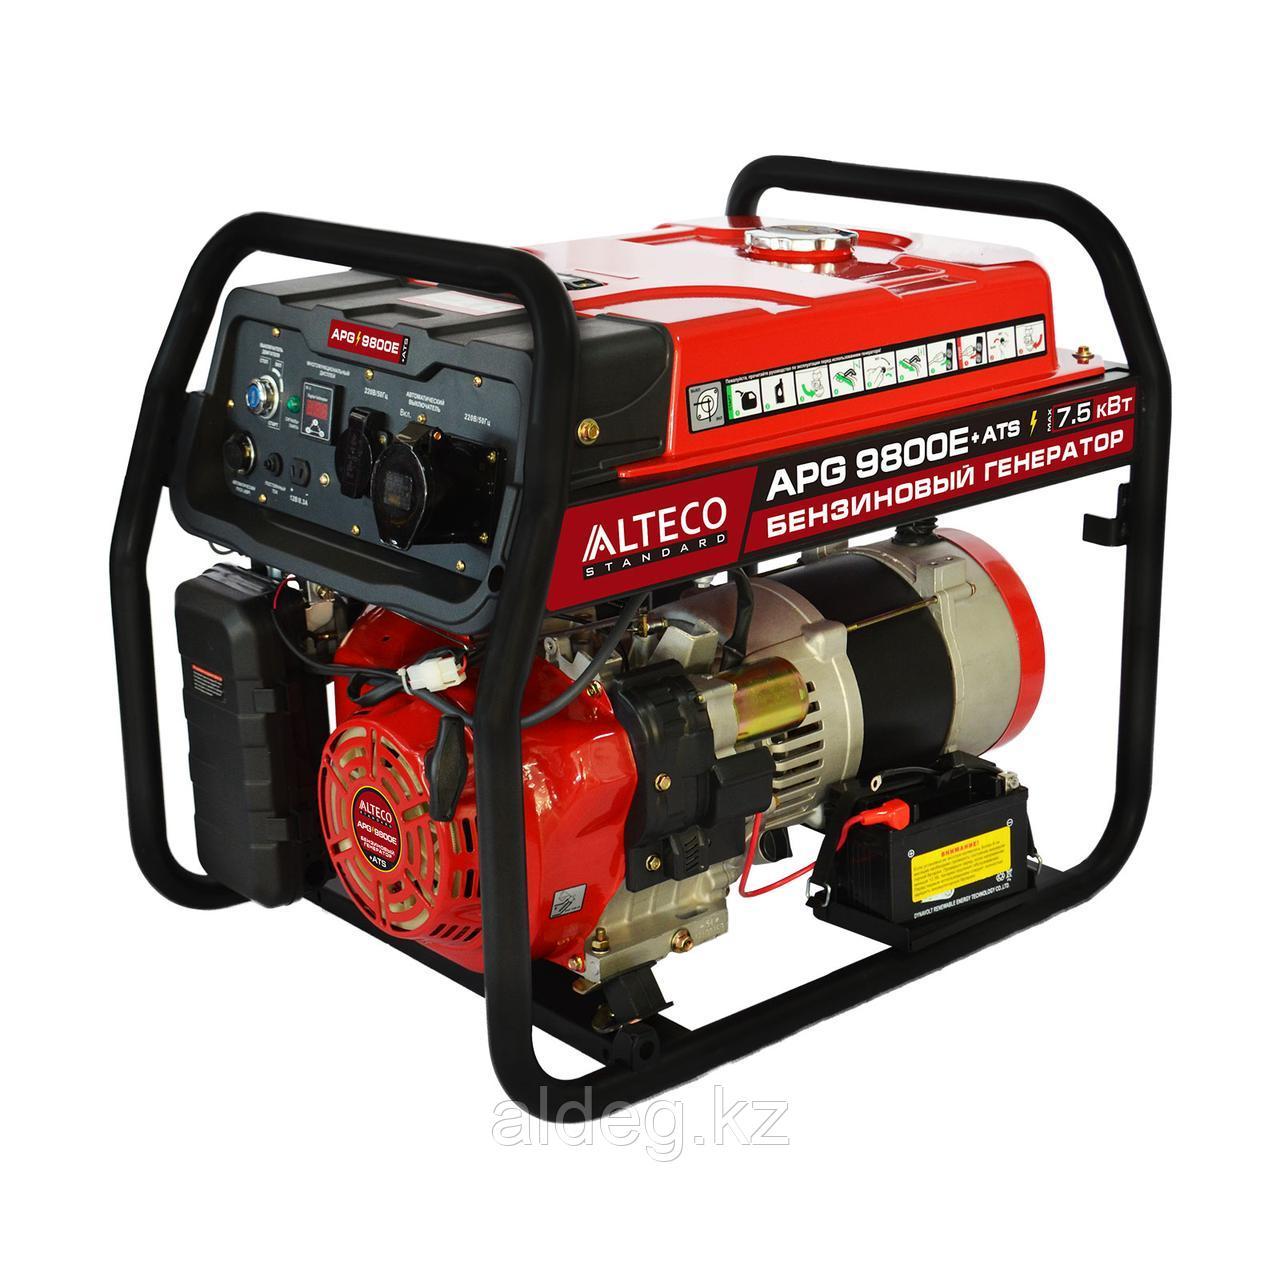 Бензиновый генератор APG 9800E+ATS (N) ALTECO Standard